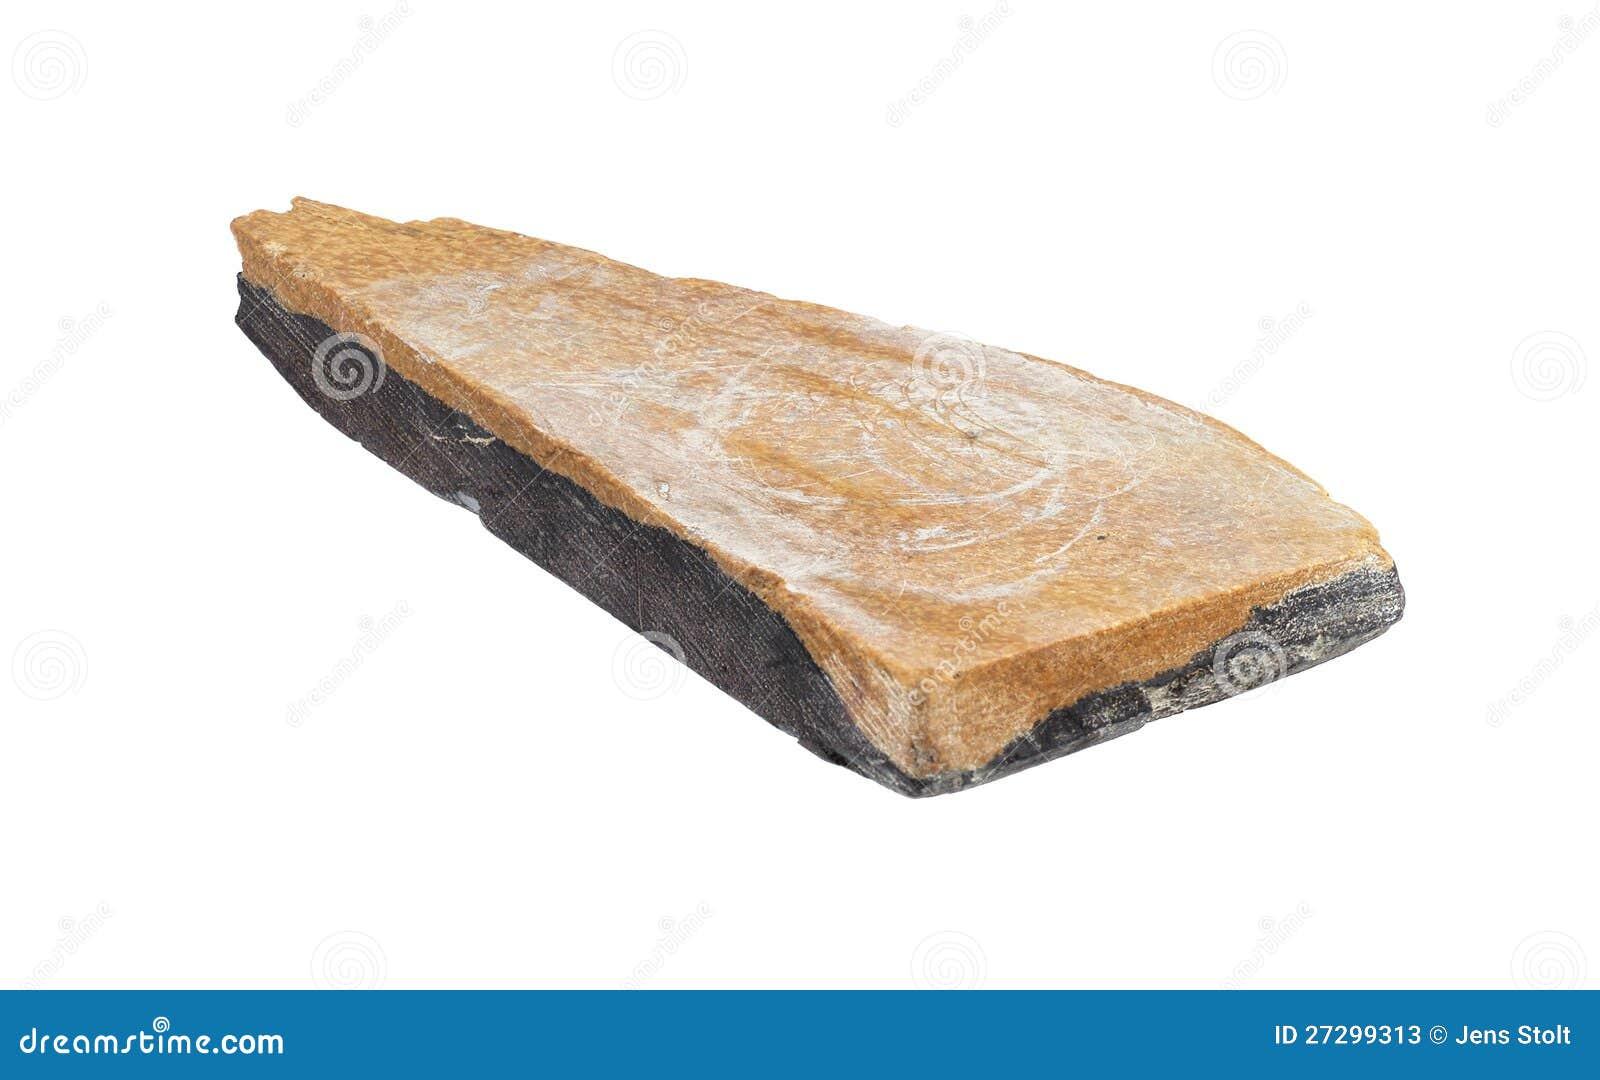 Belgian Natural Sharpening Stone